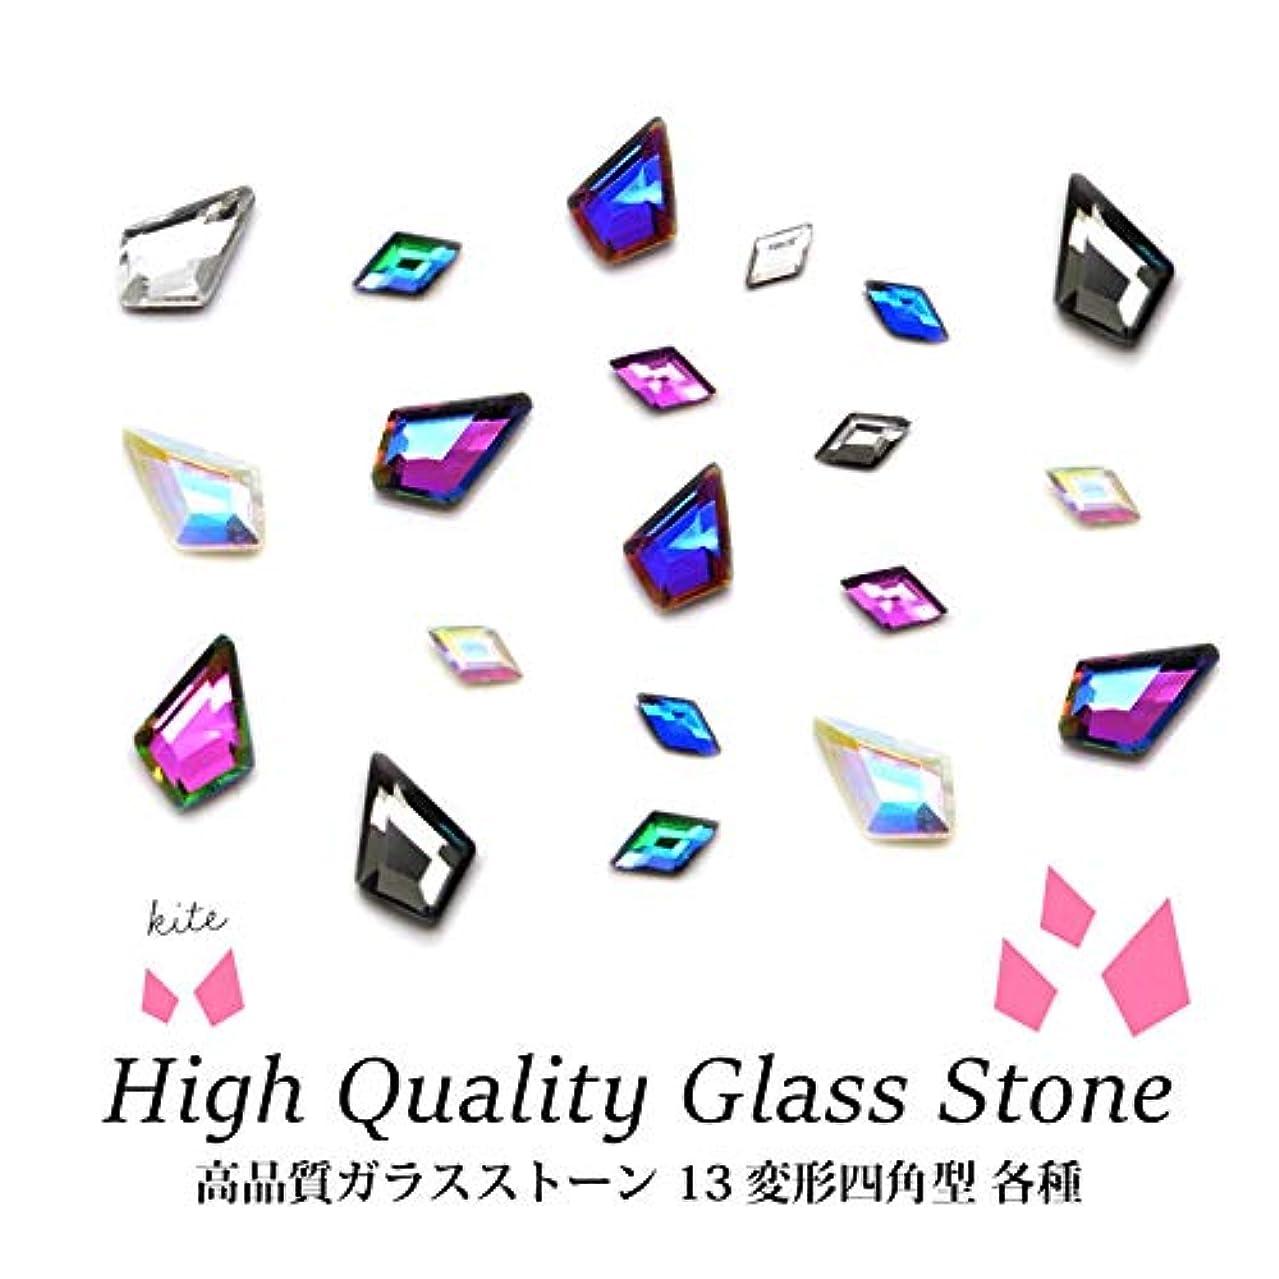 つづり豊富にパネル高品質ガラスストーン 13 変形四角型 各種 5個入り (5.エメラルドシャイン)